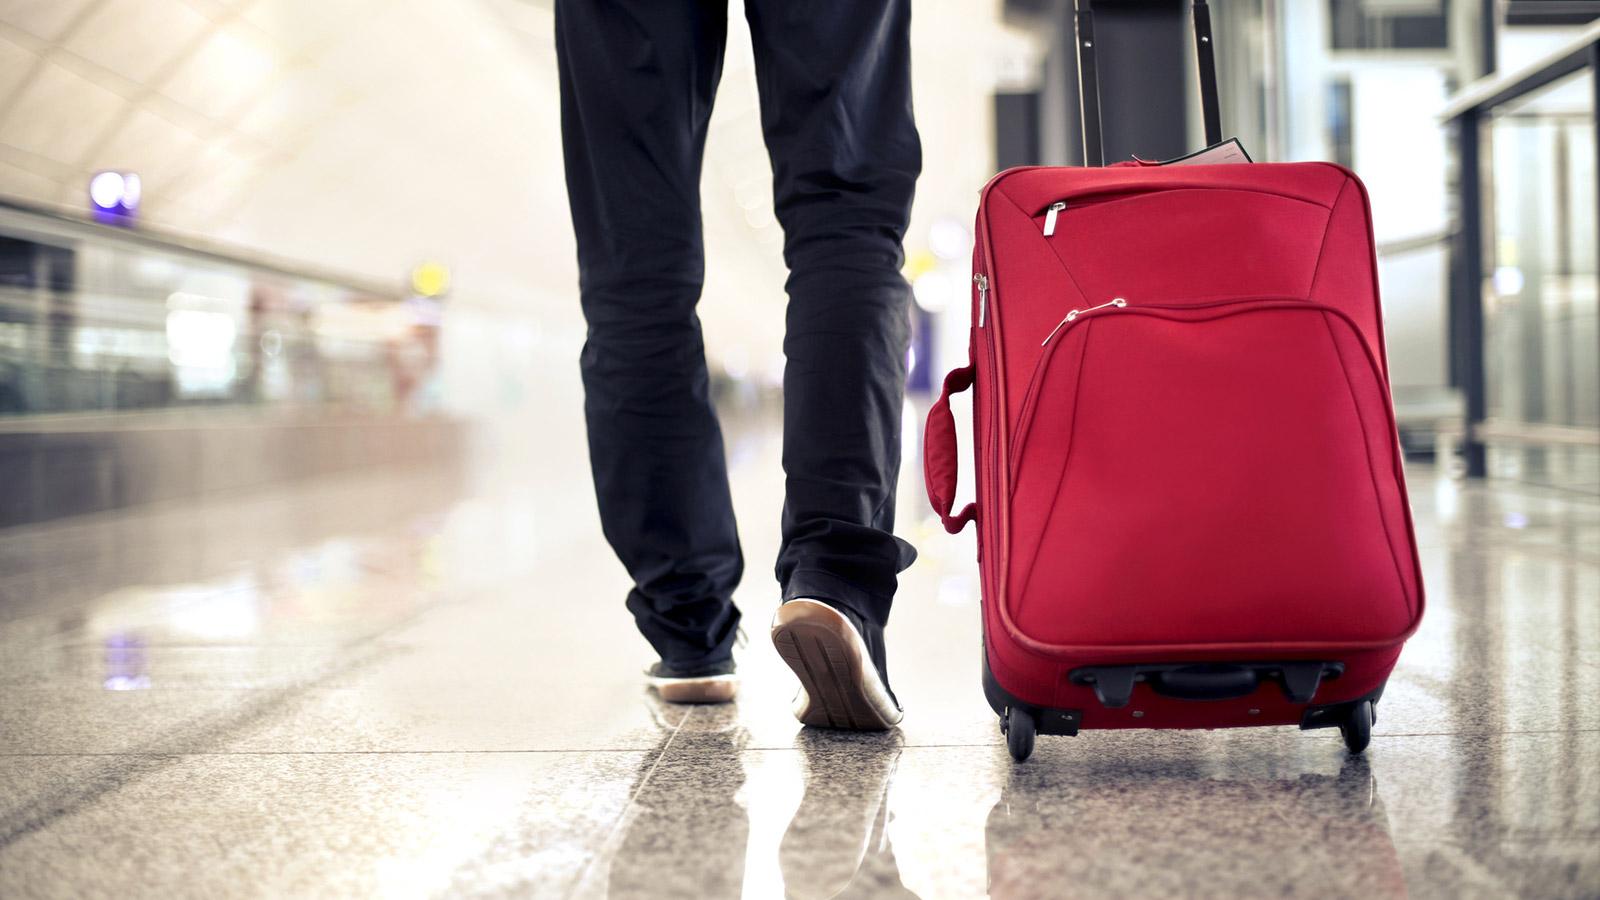 ¿Vas a viajar a Zacatlán? Te damos algunos tips para hacer la maleta